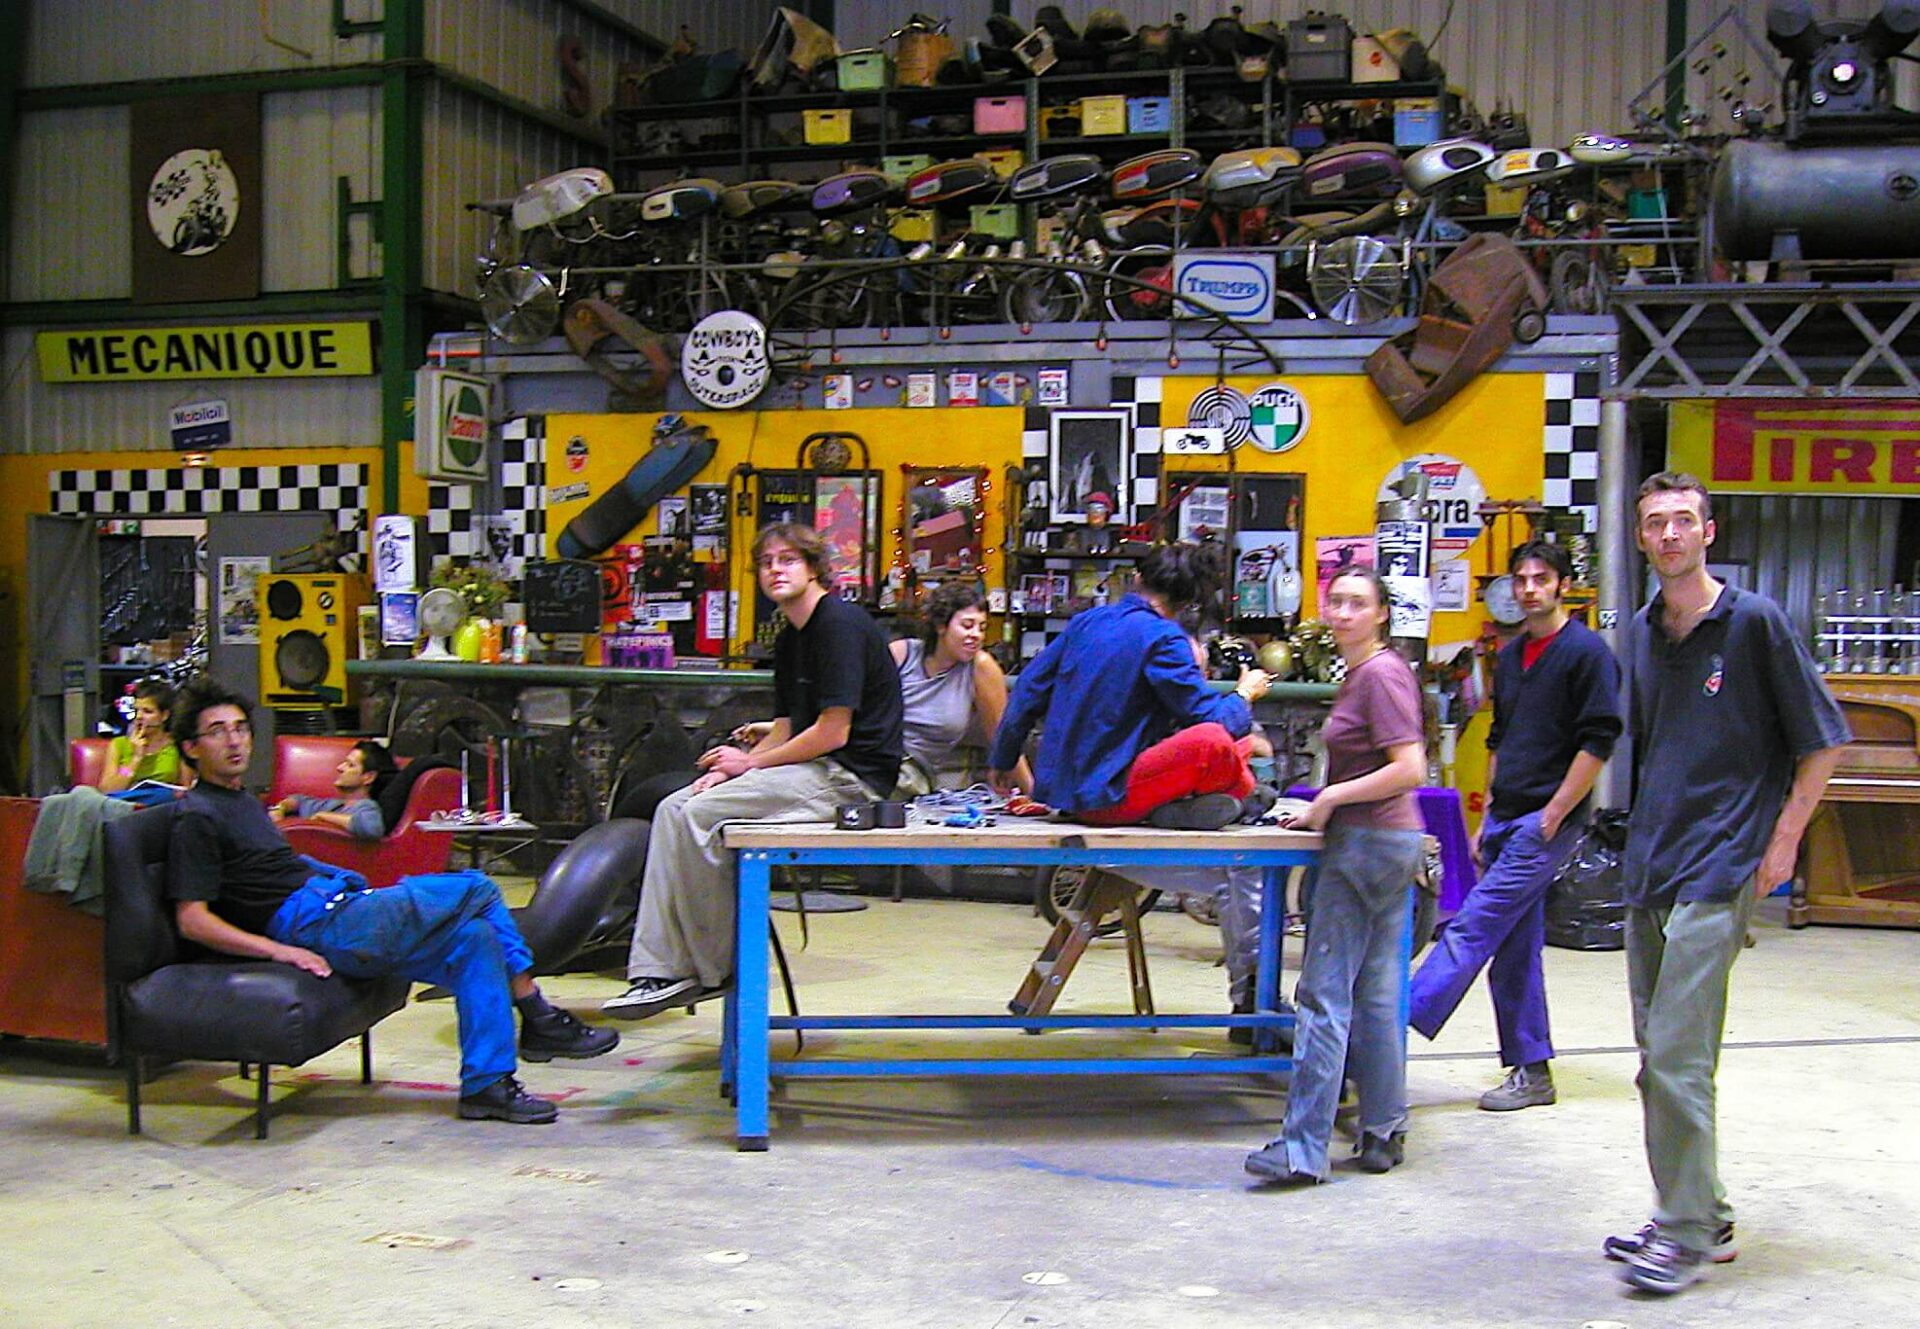 Photographie : une demi-douzaine de stagiaires dans un atelier mécanique très décoré